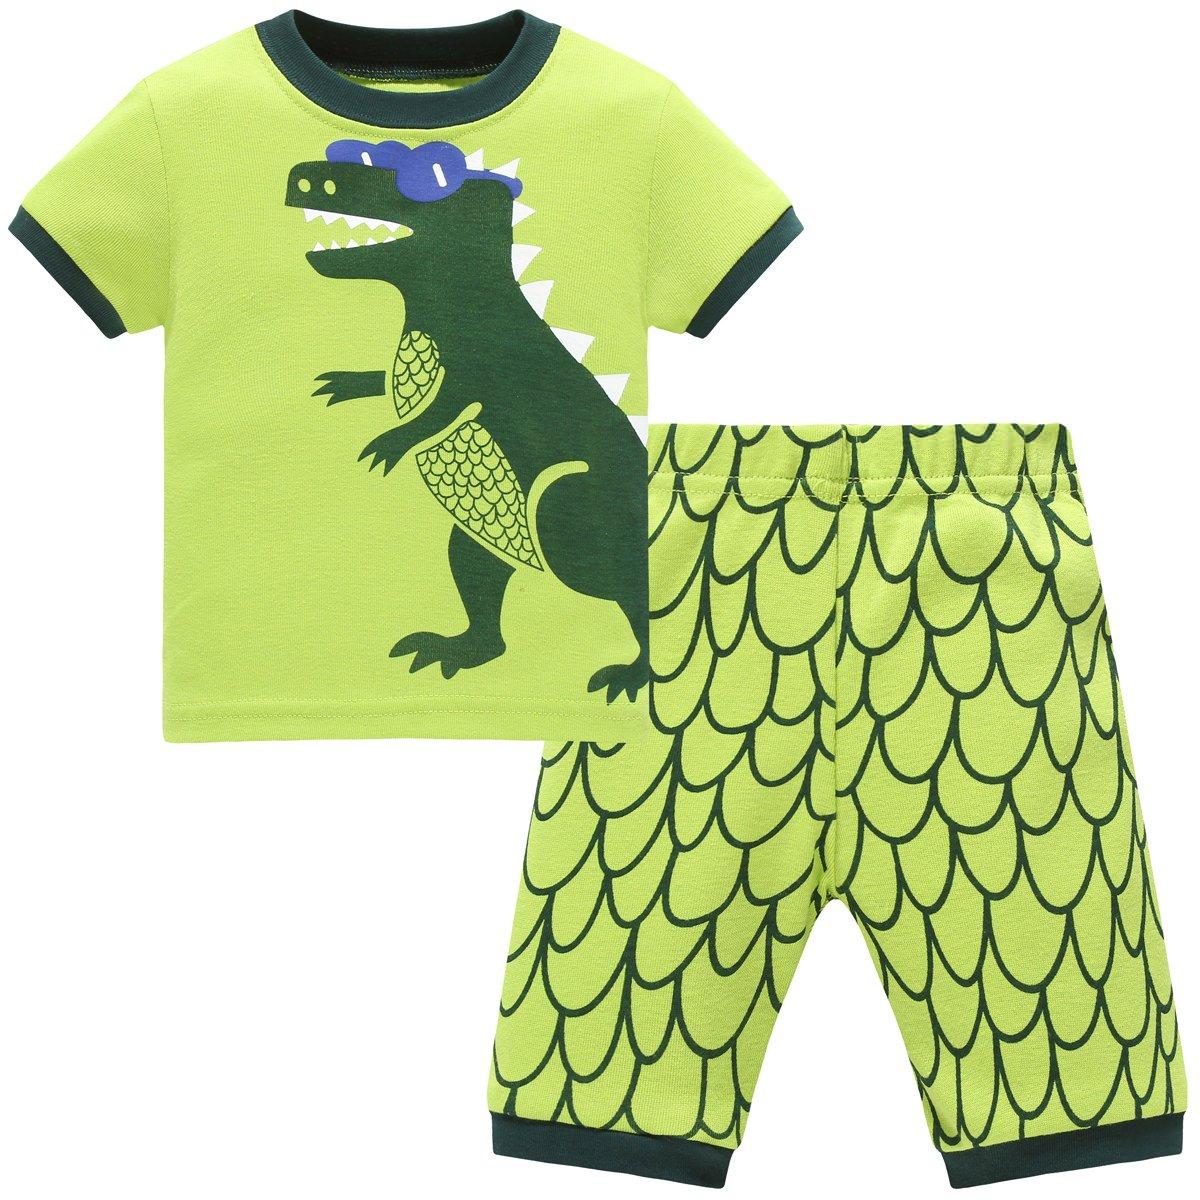 Papoopy Boys Dinosaur Pajama 2-7 Years